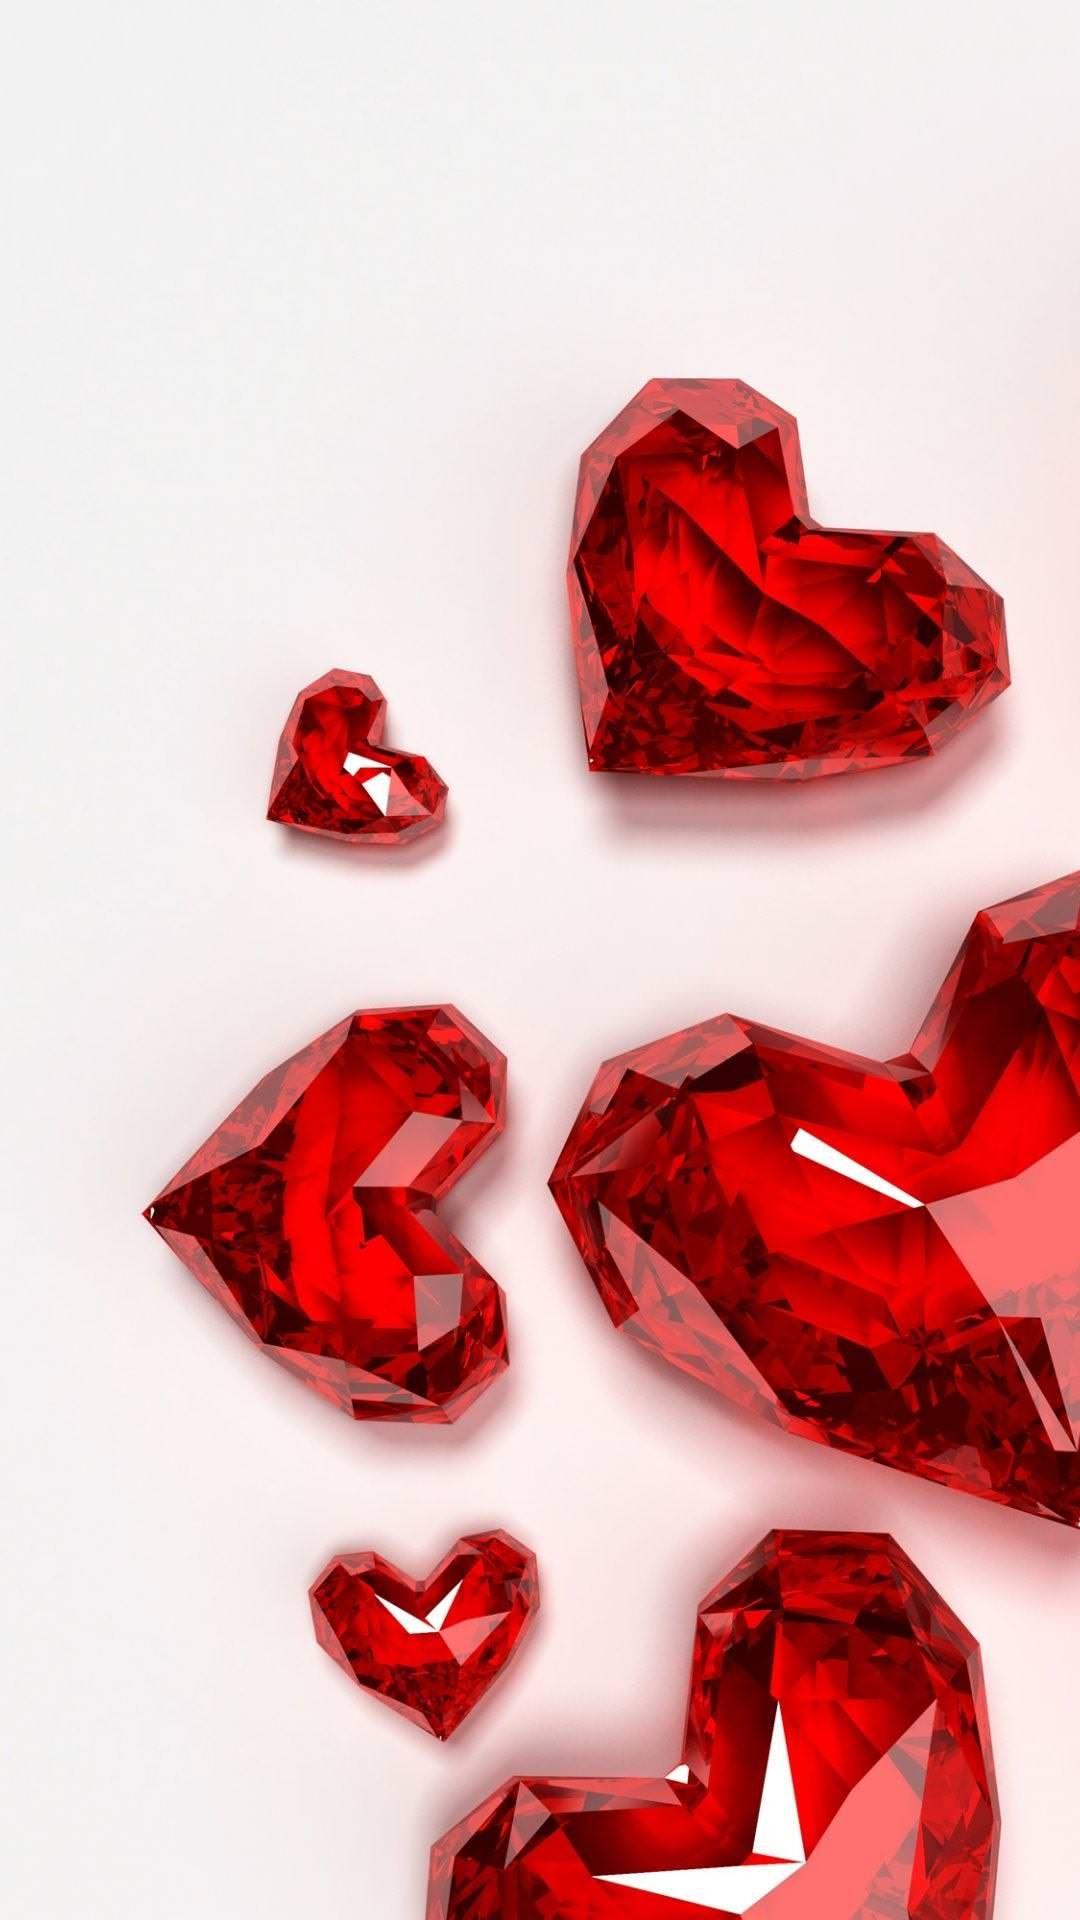 赤いガラスのハート Iphone6 Plus壁紙 Wallpaperbox 2020